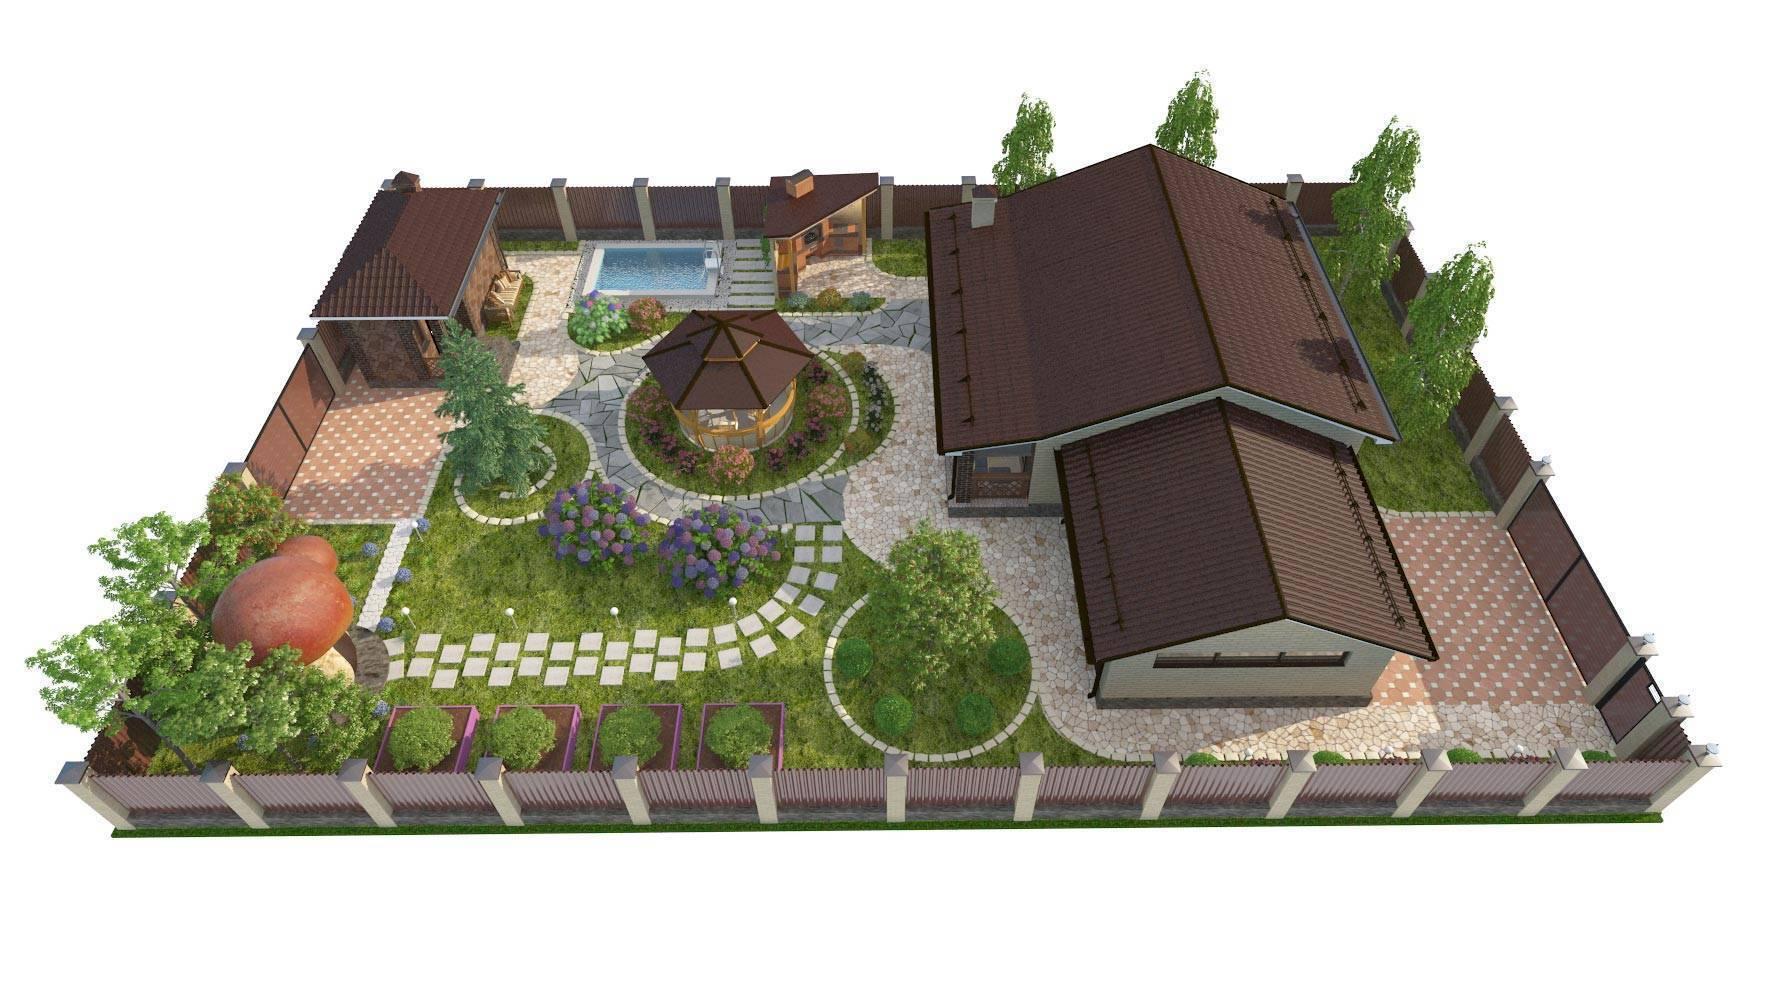 Что можно строить на землях для огородничества: возможности и ограничения застройки таких участков